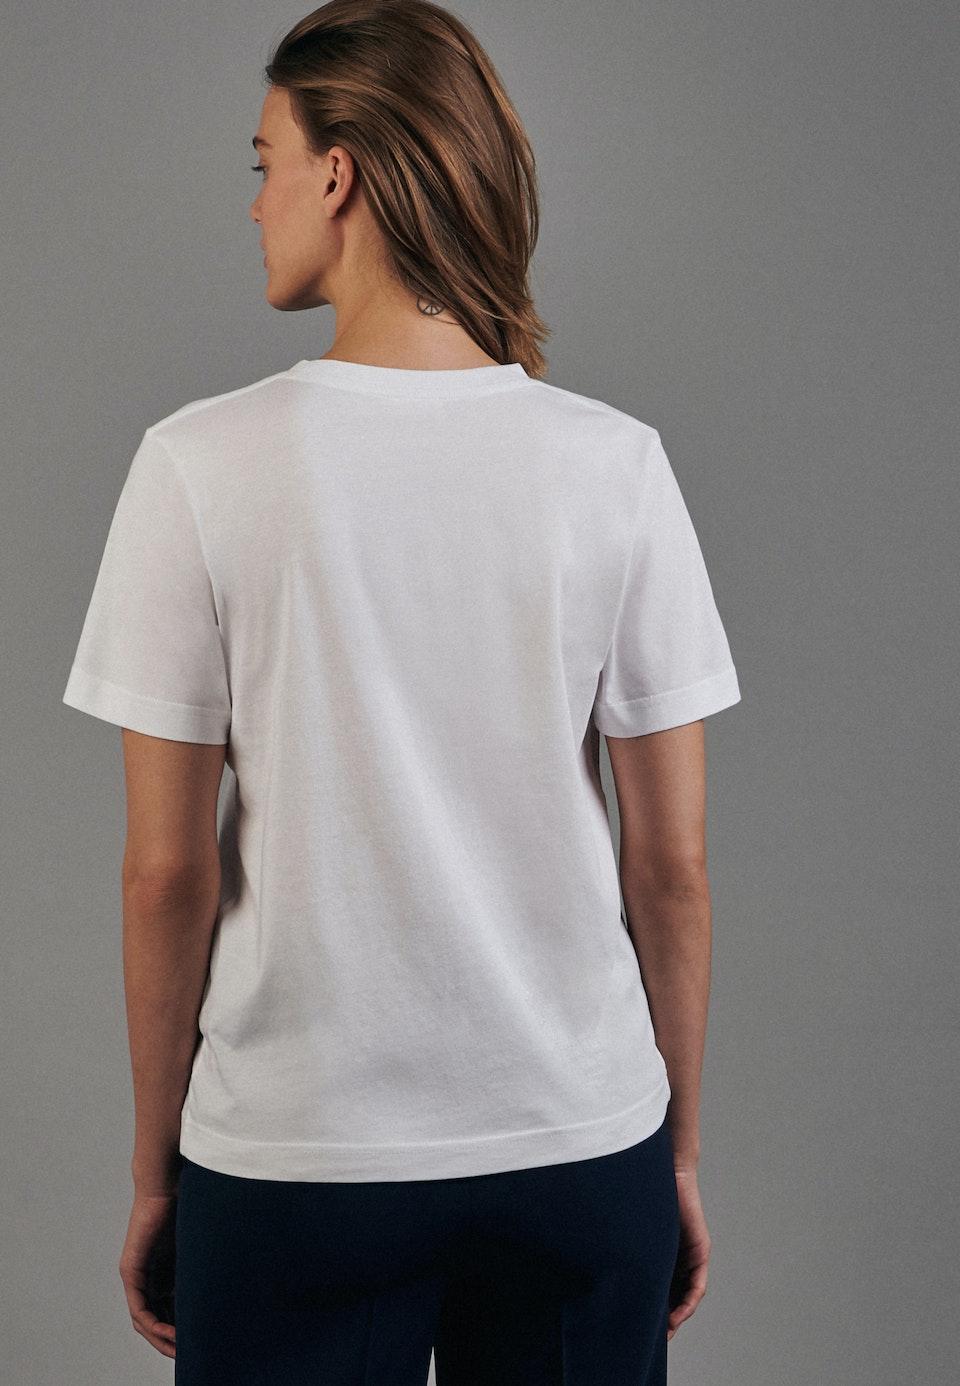 Rundhals T-Shirt aus 100% Baumwolle in Weiß |  Seidensticker Onlineshop